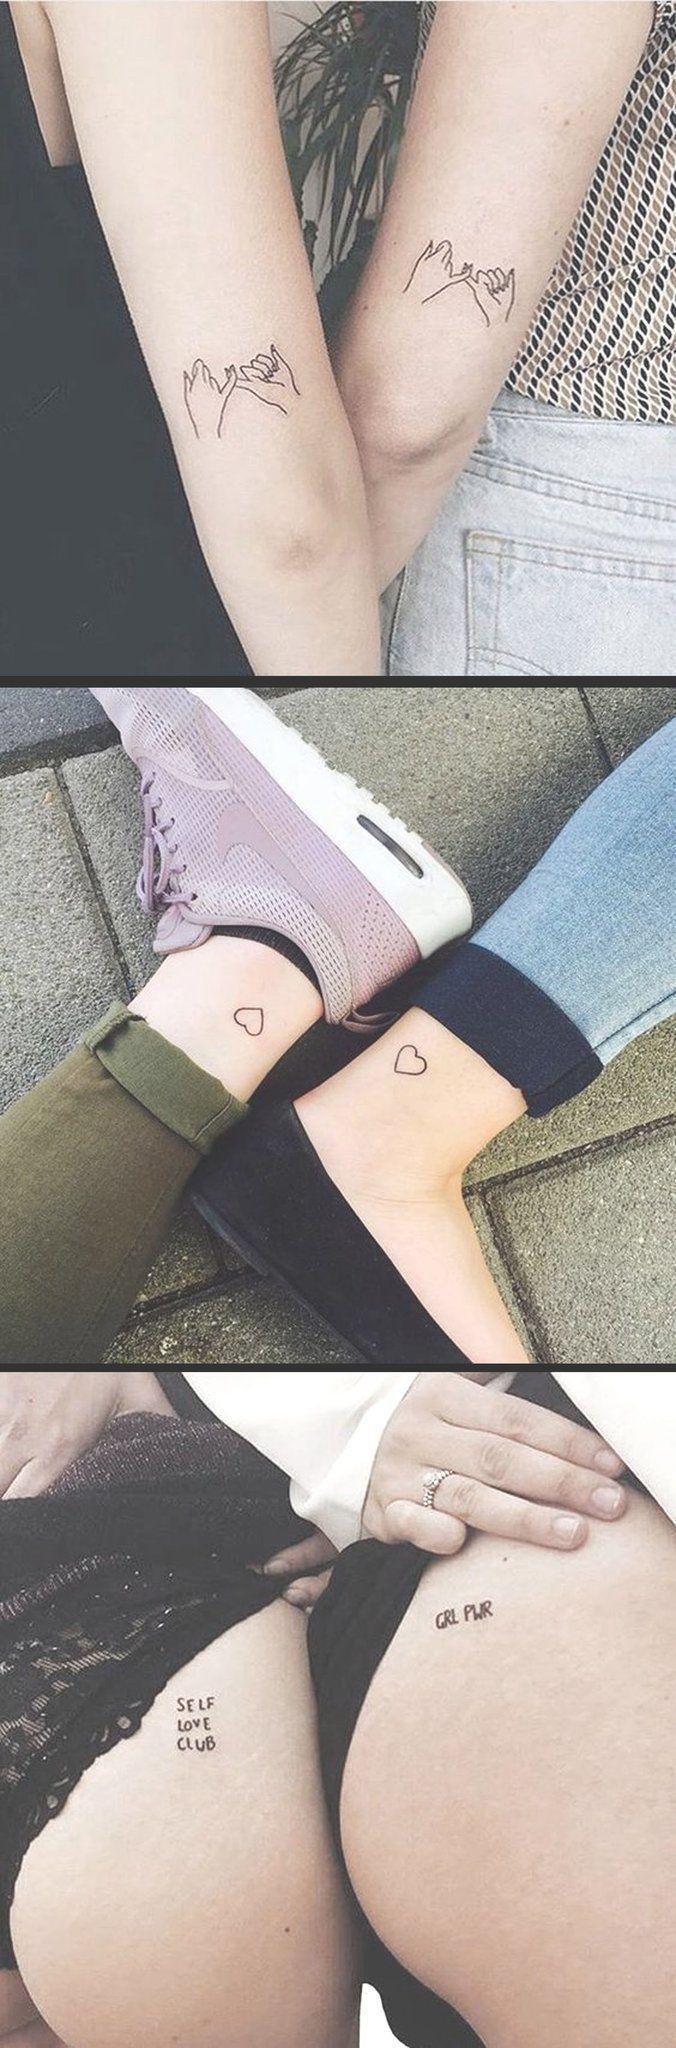 Best Friend Tattoos – 69 femininste Tattoo Designs für Frauen # poisontattoostu